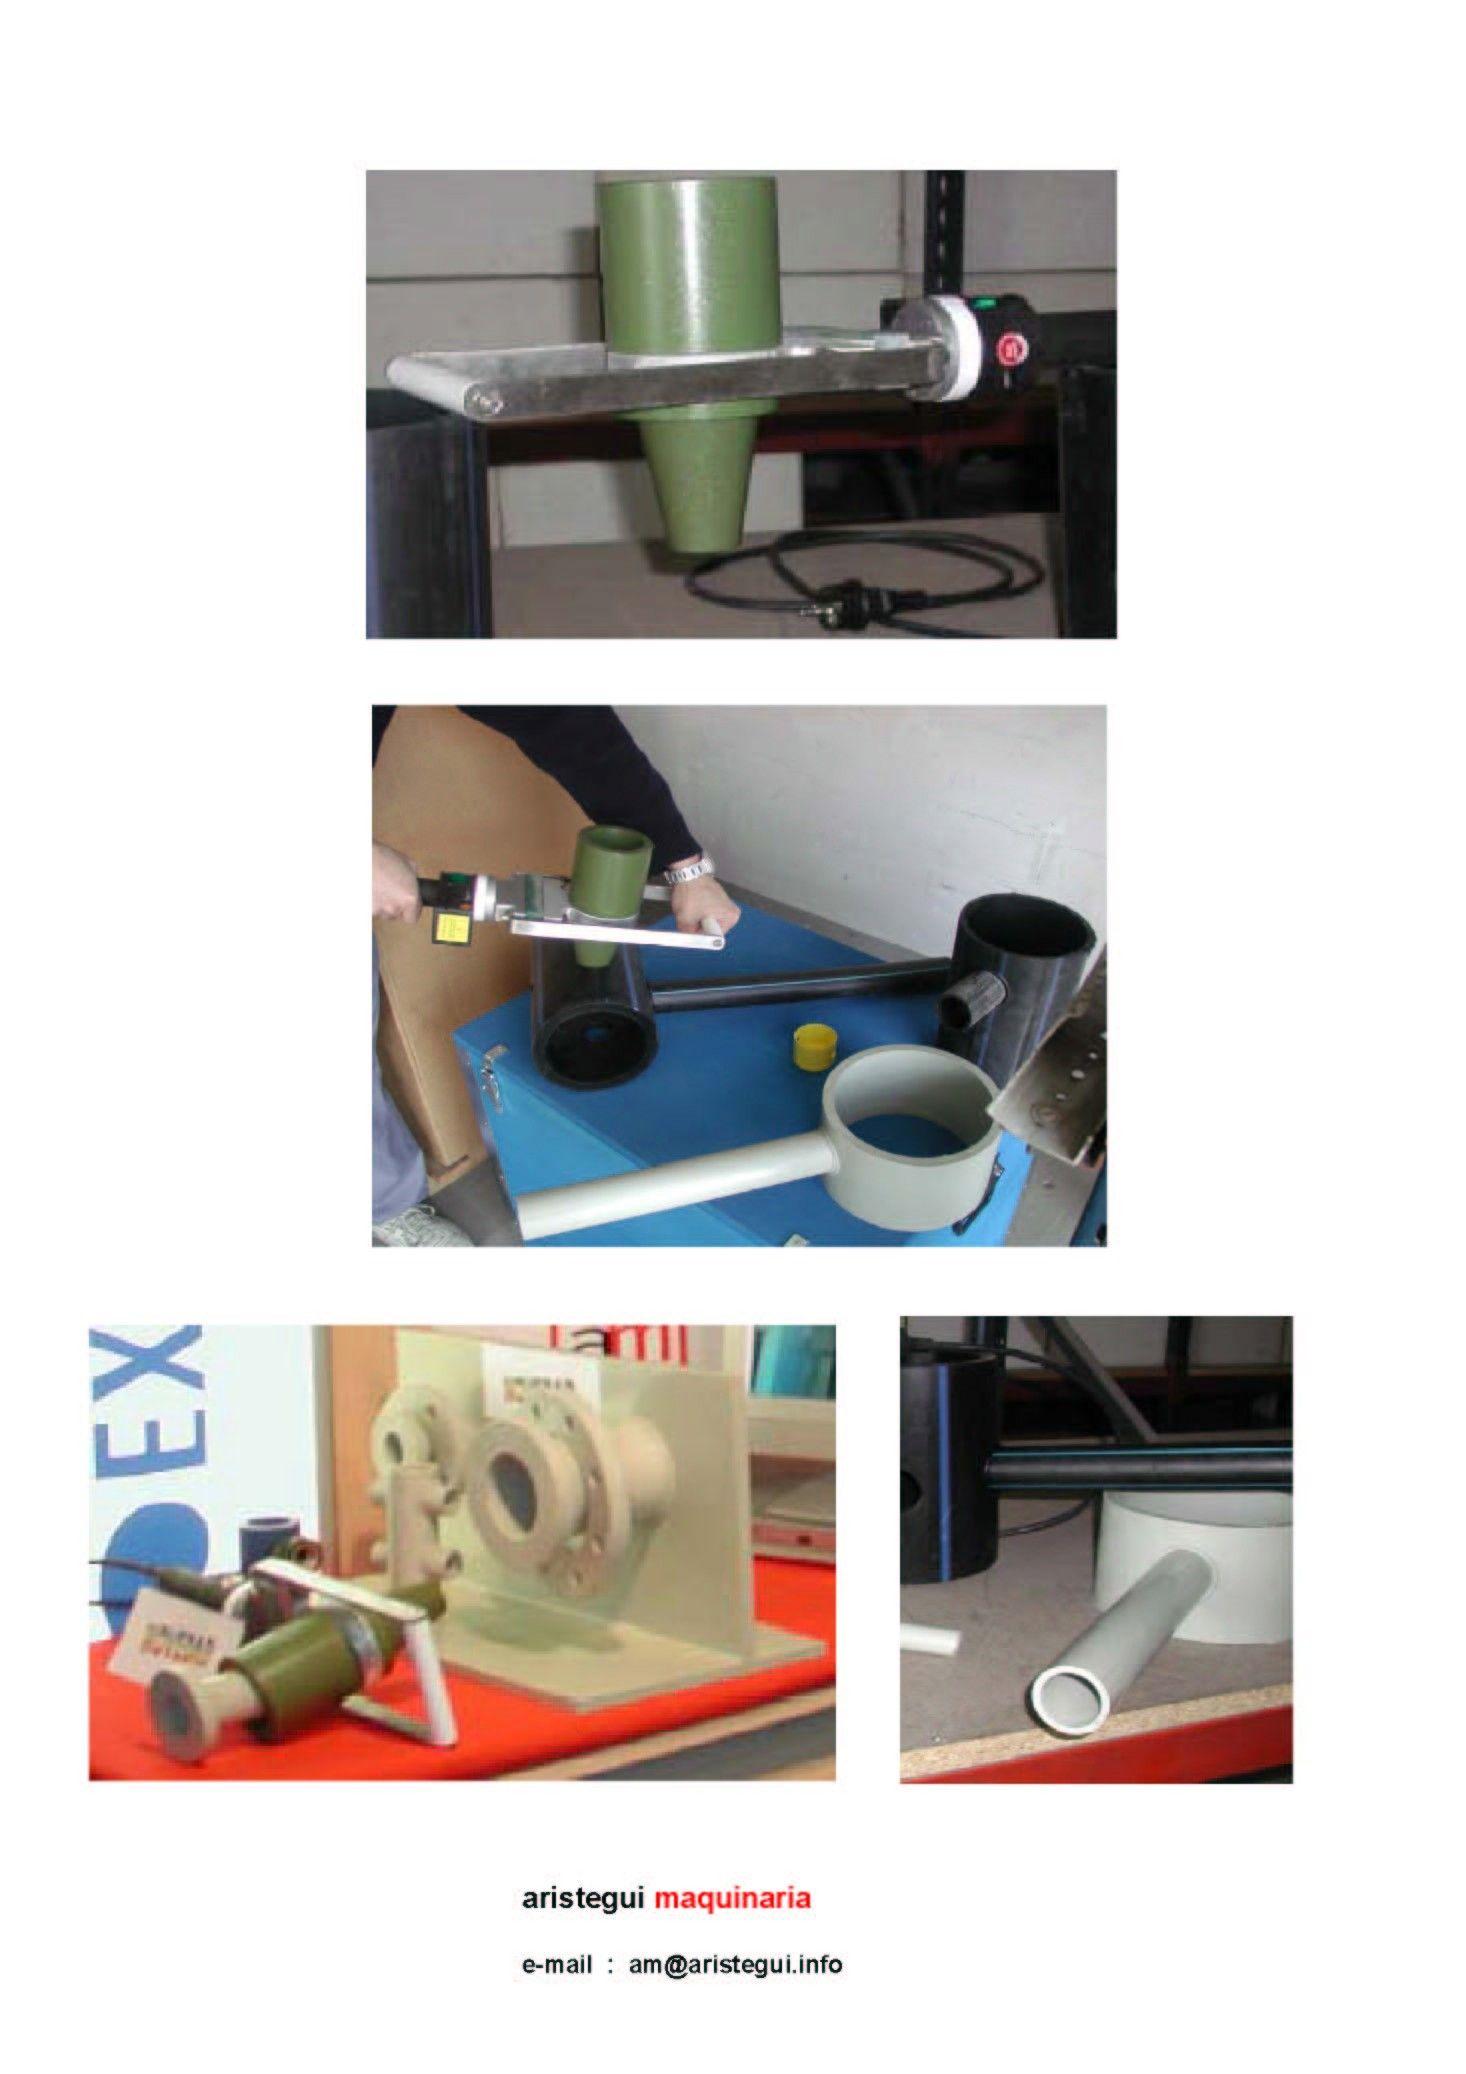 Máquina Manual Para Hacer Injertos Meg 1 Soldadura De Tubería Soldar Tubo Injerto En Tubo Tuberias Hacer Accesorios Soldadura